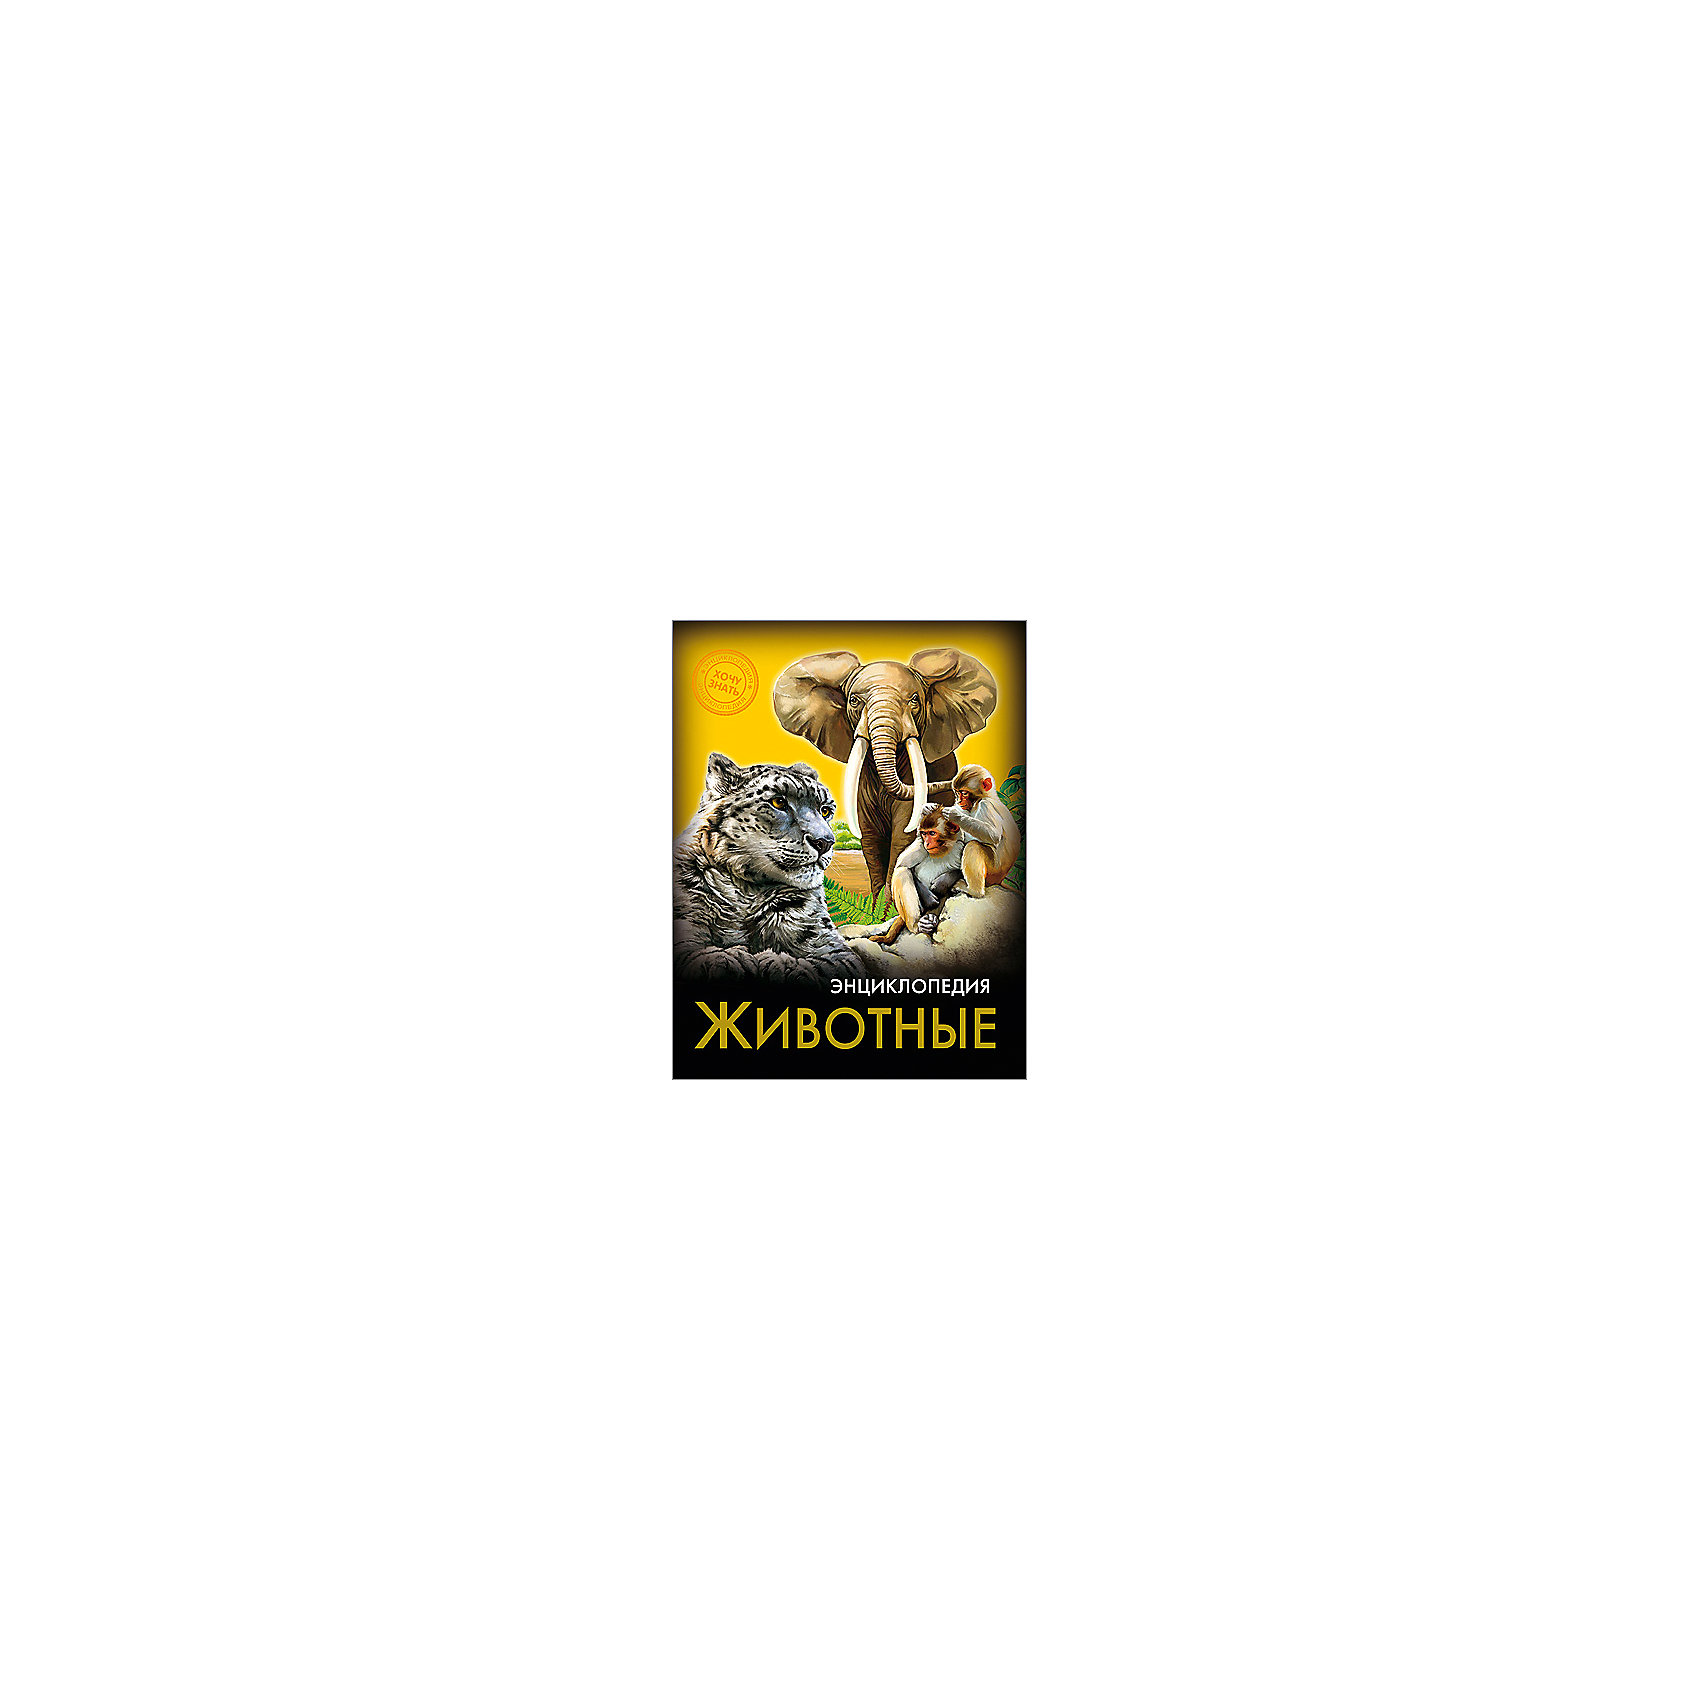 Энциклопедия ЖивотныеДетские энциклопедии<br>Эта энциклопедия порадует всех любителей братьев наших меньших! В этом издании вы найдете множество интересных и увлекательных тем, изложенных простым, понятным для детей языком, дополненных яркими иллюстрациями. Энциклопедия в твердой красочной обложке станет прекрасным подарком на любой праздник и обязательно заинтересует ребенка, поможет расширить кругозор и увеличить словарный запас. <br><br>Дополнительная информация:<br><br>- Автор: Соколова Ярослава.<br>- Формат: 21,6х17 см.<br>- Переплет: твердый, 7БЦ.<br>- Количество страниц: 96.<br>- Иллюстрации: цветные.<br>- Содержание: Введение. Многообразие мира хищных животных. Кто такие хоботные. <br>Такие разные парнокопытные. Удивительный мир непарнокопытных. Первые в животном царстве: приматы. Самый многочисленный отряд: грызуны. Заключение. <br><br>Энциклопедию Животные можно купить в нашем магазине.<br><br>Ширина мм: 170<br>Глубина мм: 5<br>Высота мм: 215<br>Вес г: 310<br>Возраст от месяцев: 72<br>Возраст до месяцев: 2147483647<br>Пол: Унисекс<br>Возраст: Детский<br>SKU: 4756237